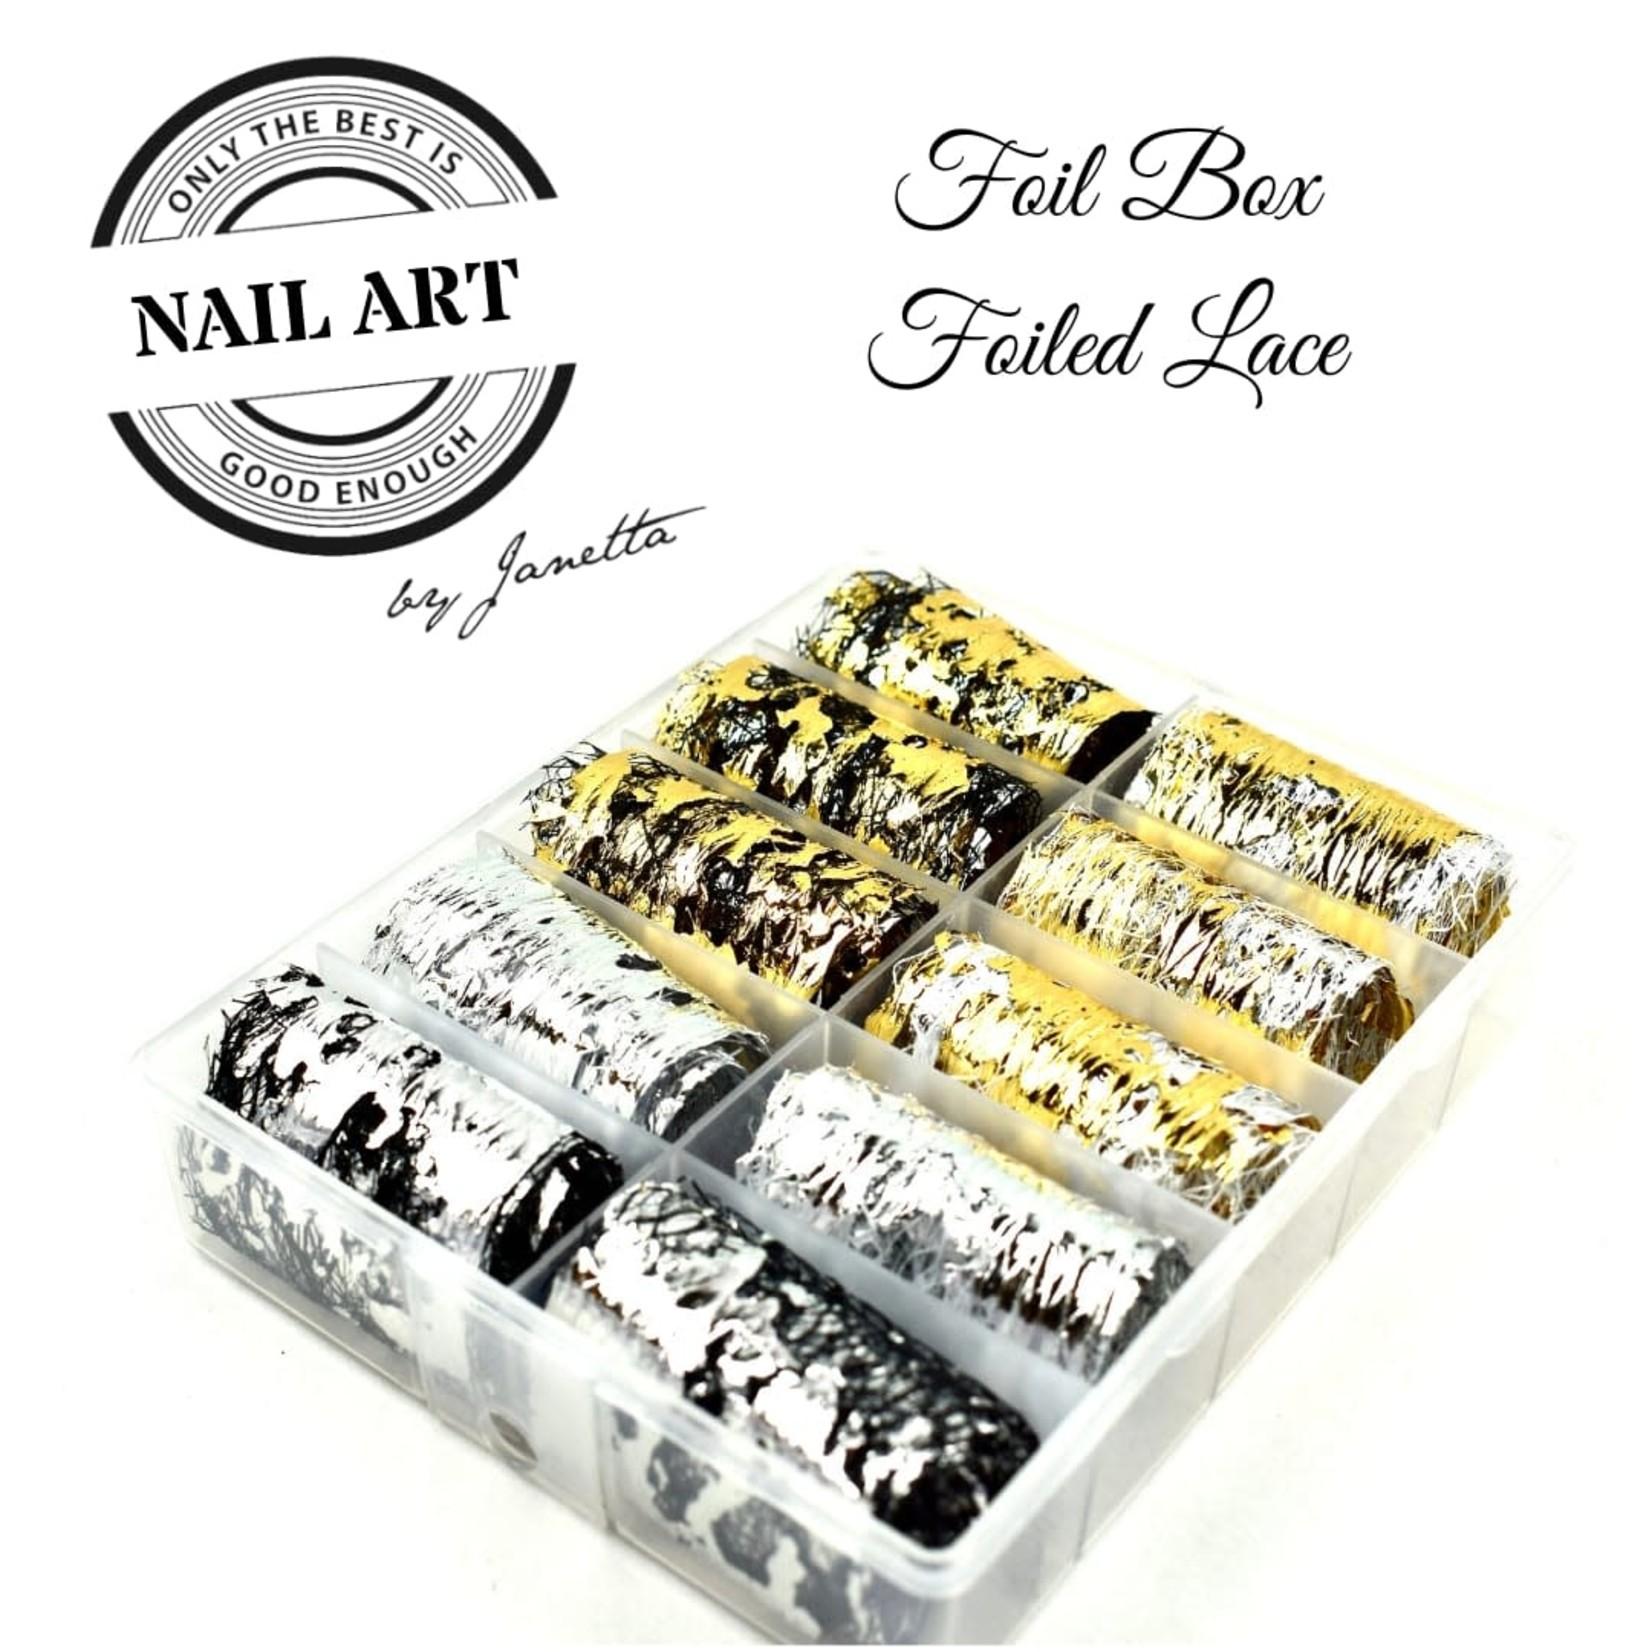 Urban Nails Foil Box foiled Lace